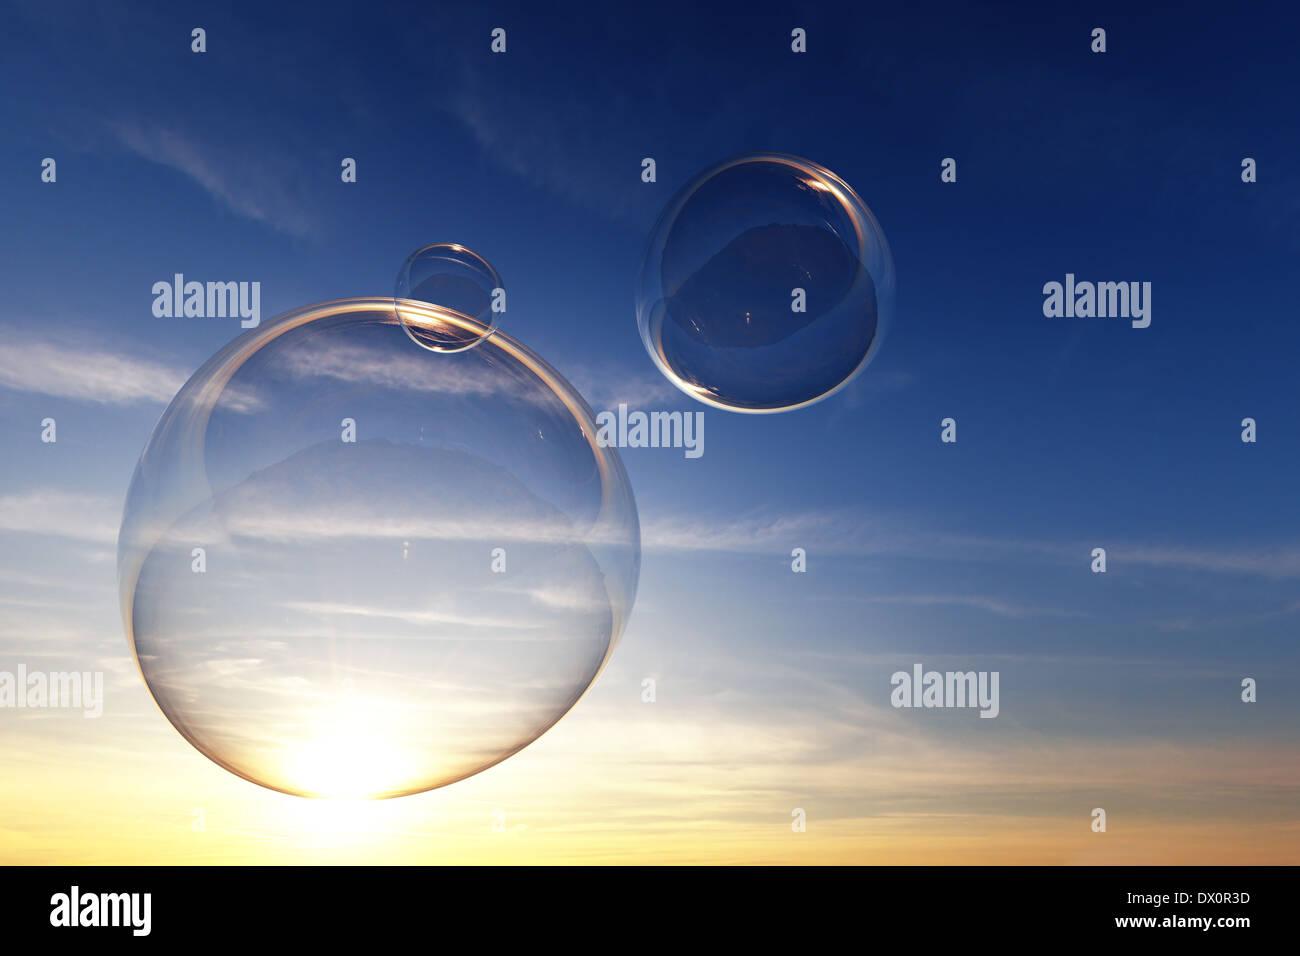 Effacer des bulles de savon dans le ciel au coucher du soleil - 3D render Photo Stock